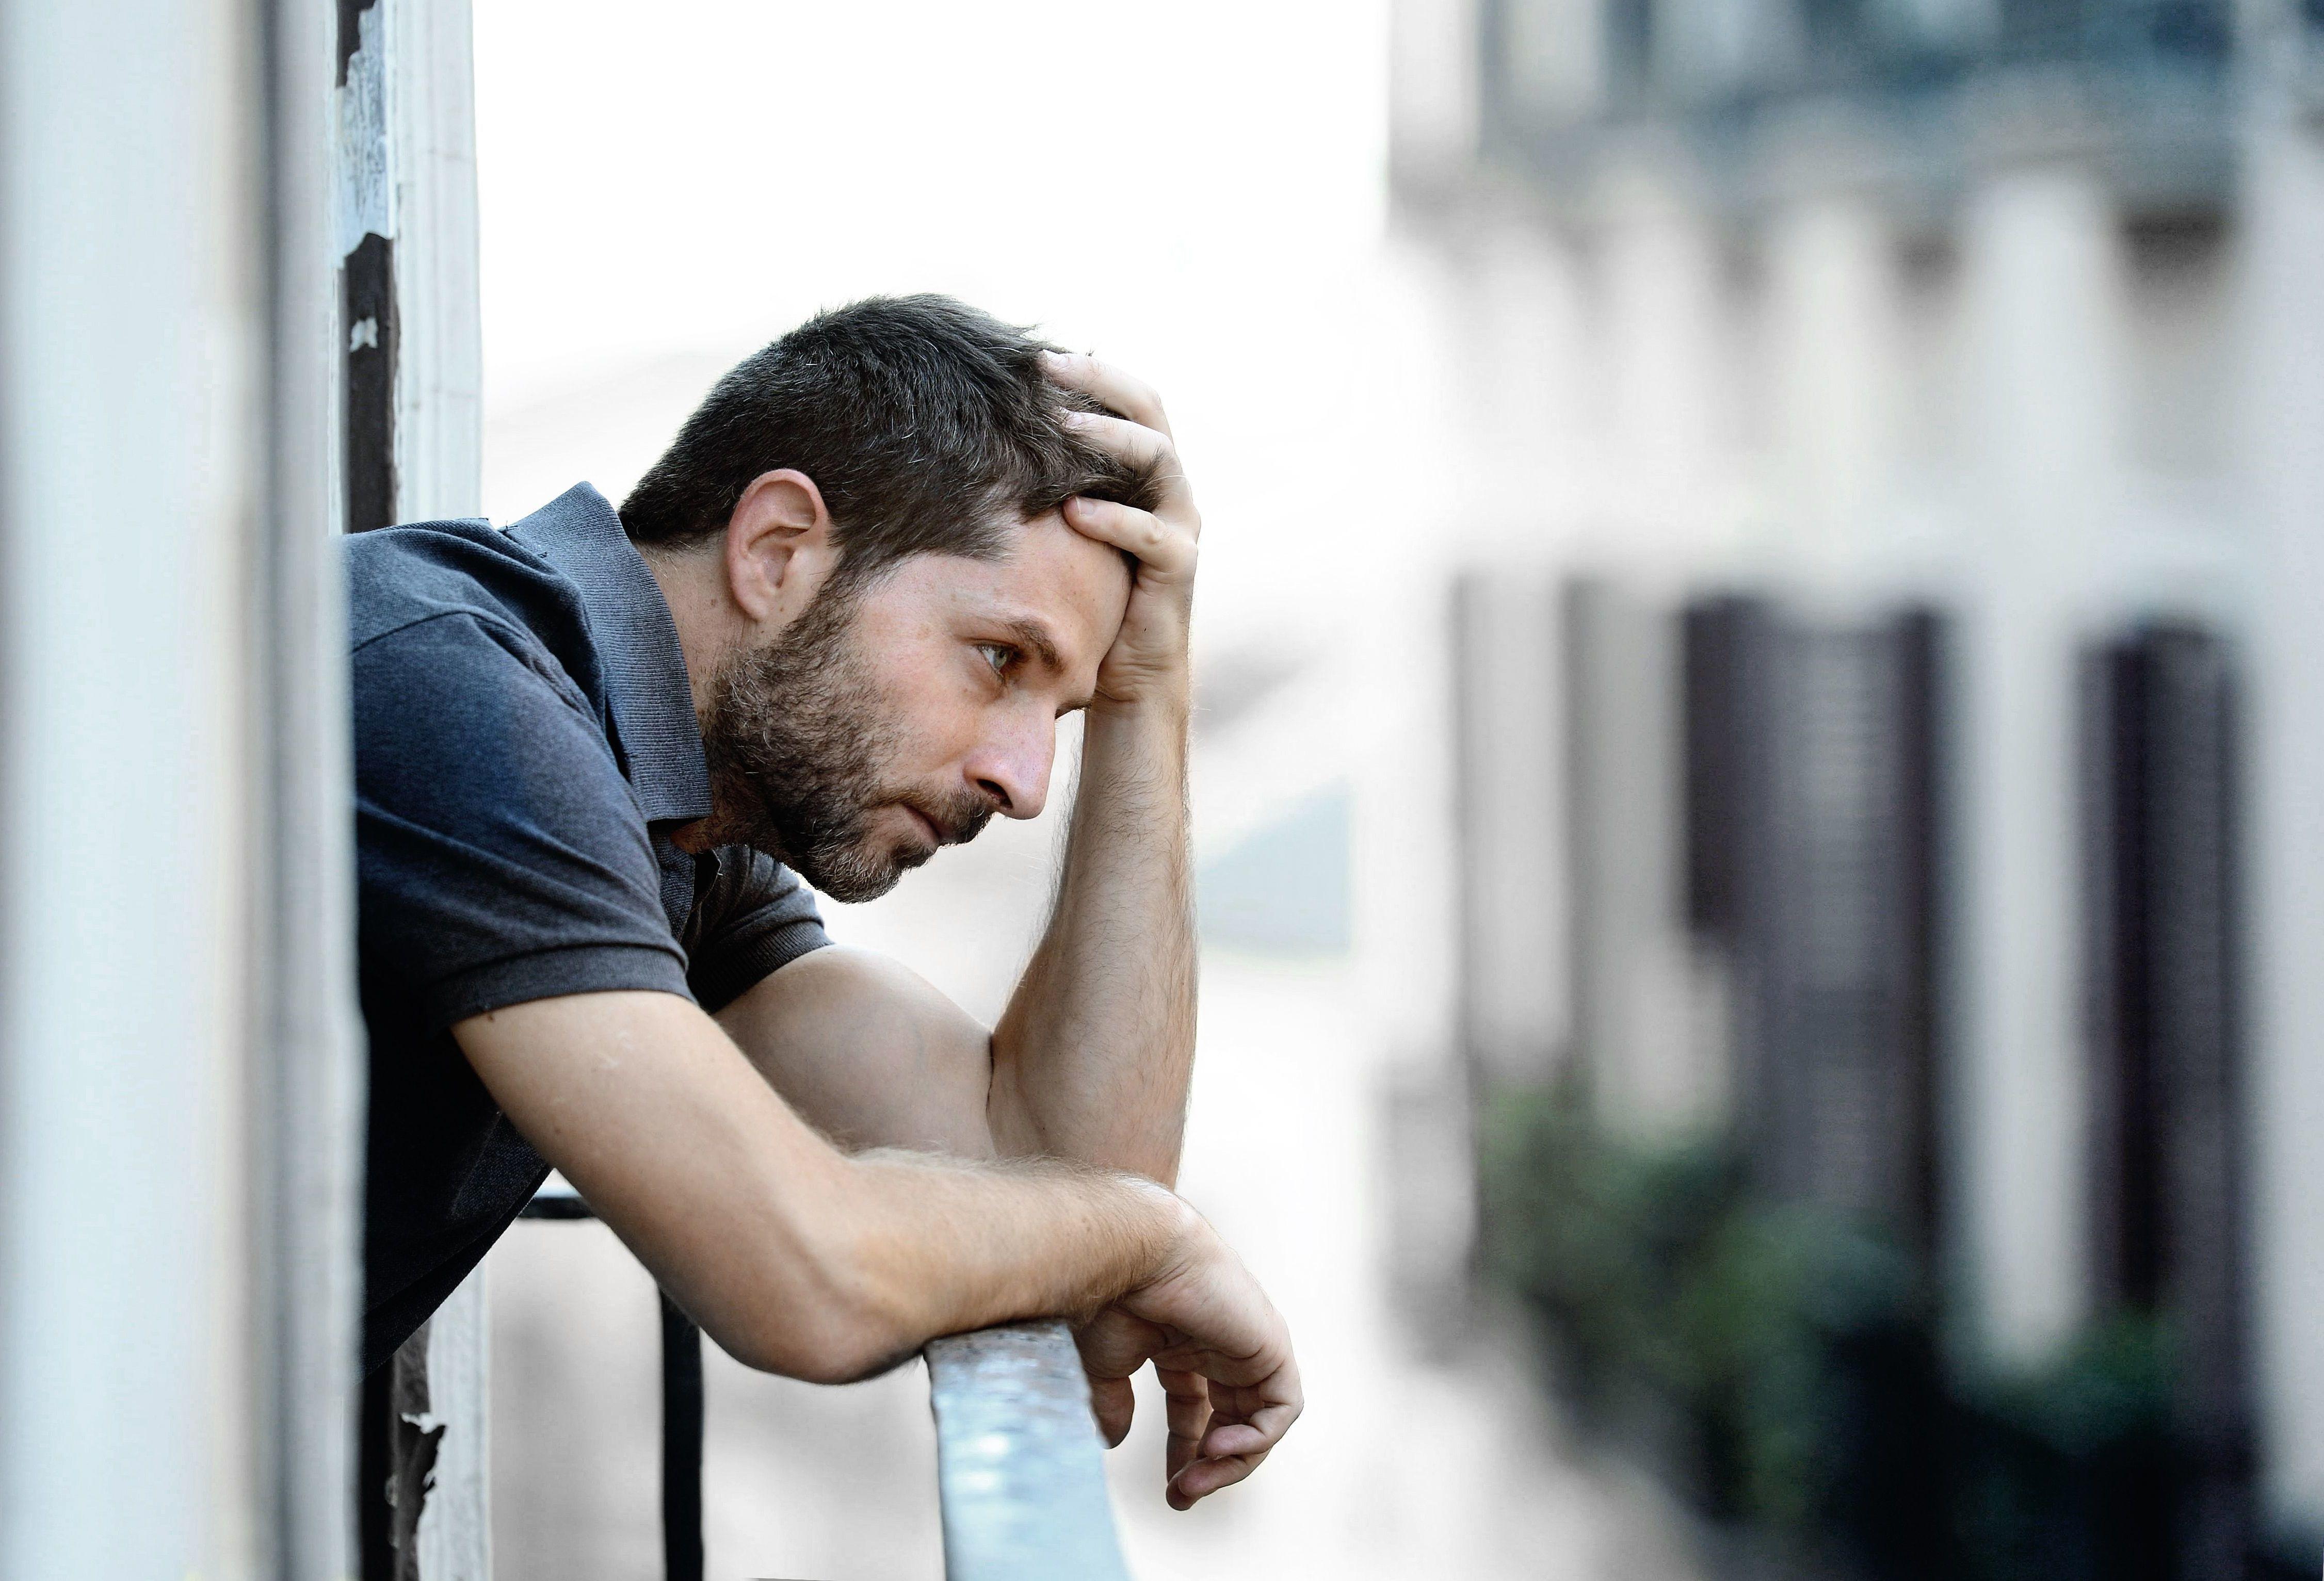 Depressão Masculina: Sinais e Sintomas